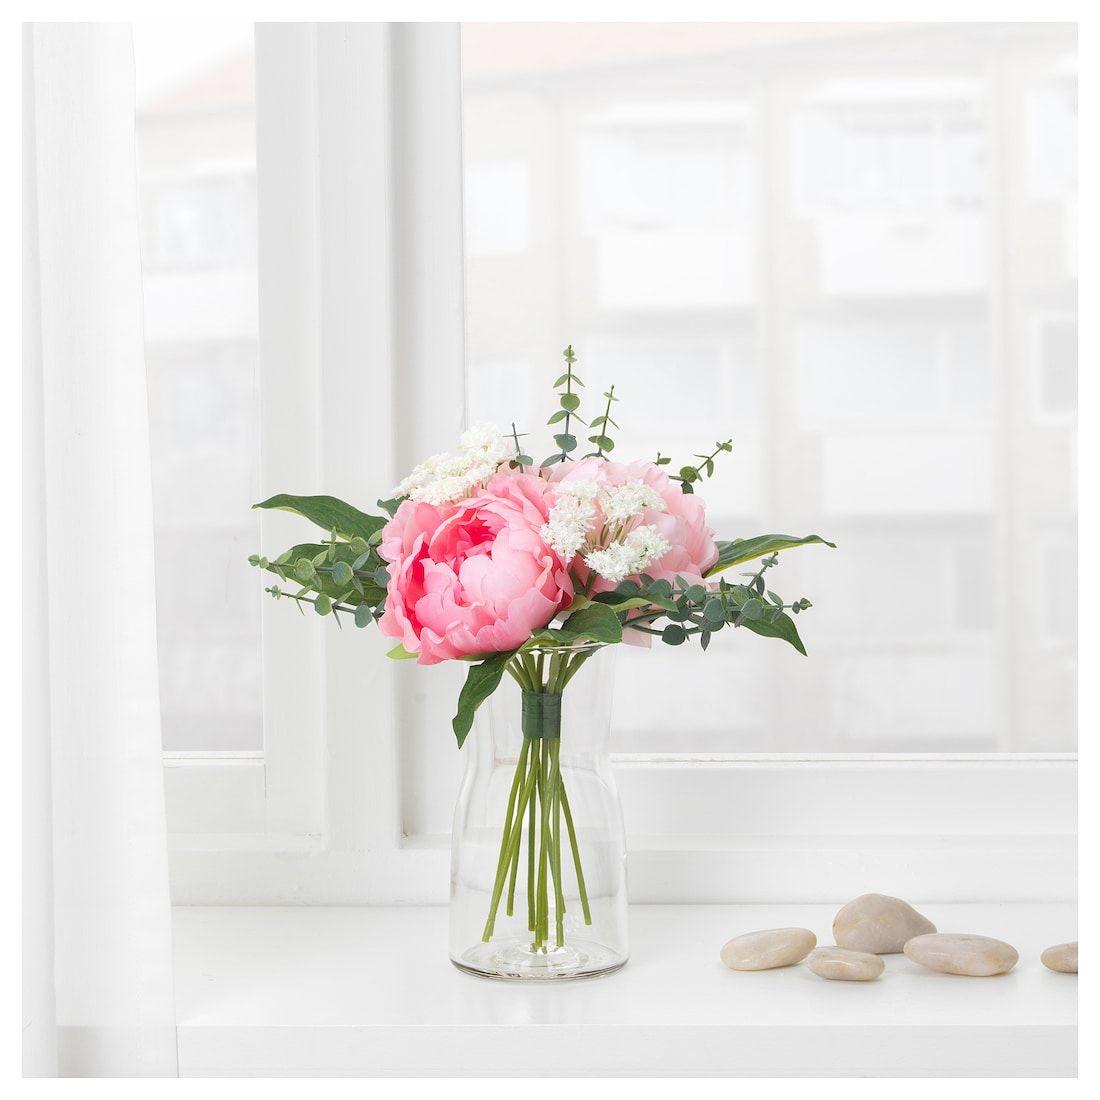 Fiori Finti Ikea.Smycka Artificial Bouquet Pink 10 In 2020 Ikea Flowers